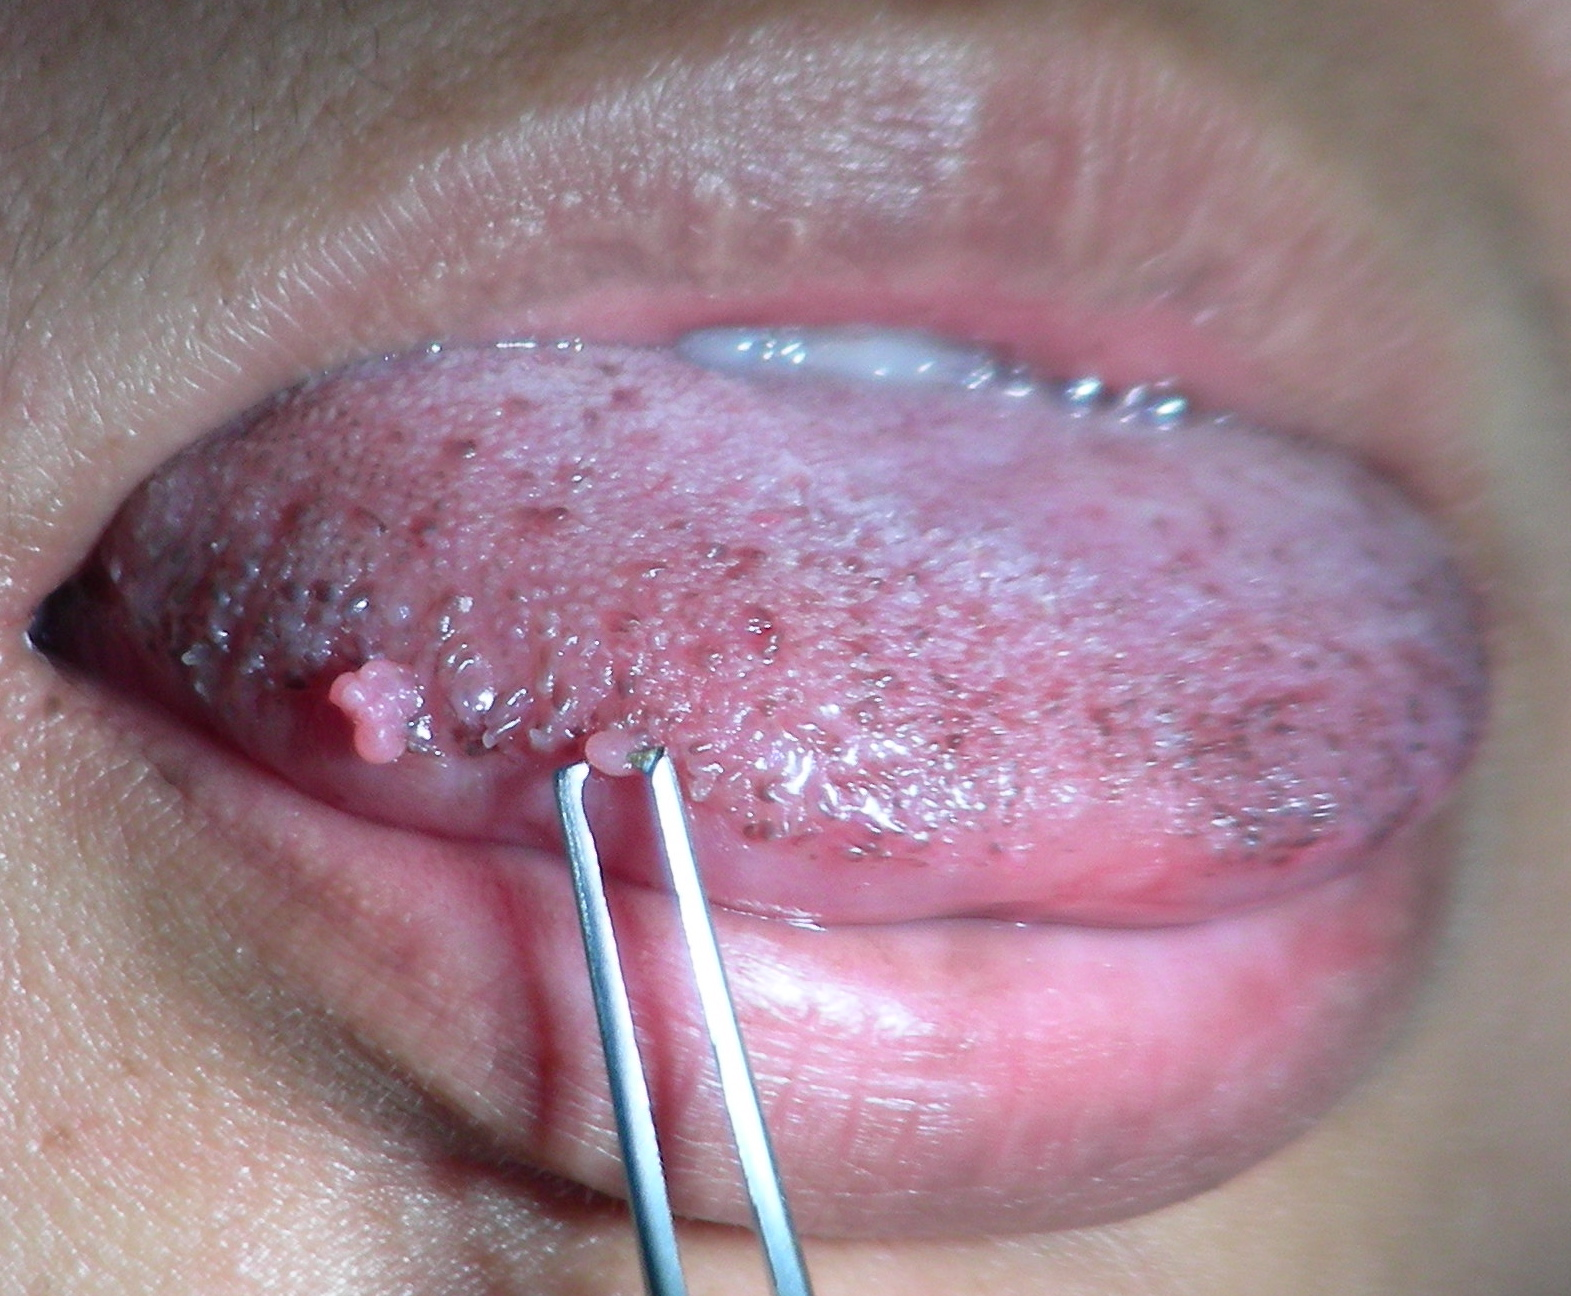 симптомы папилломы в ротовой полости